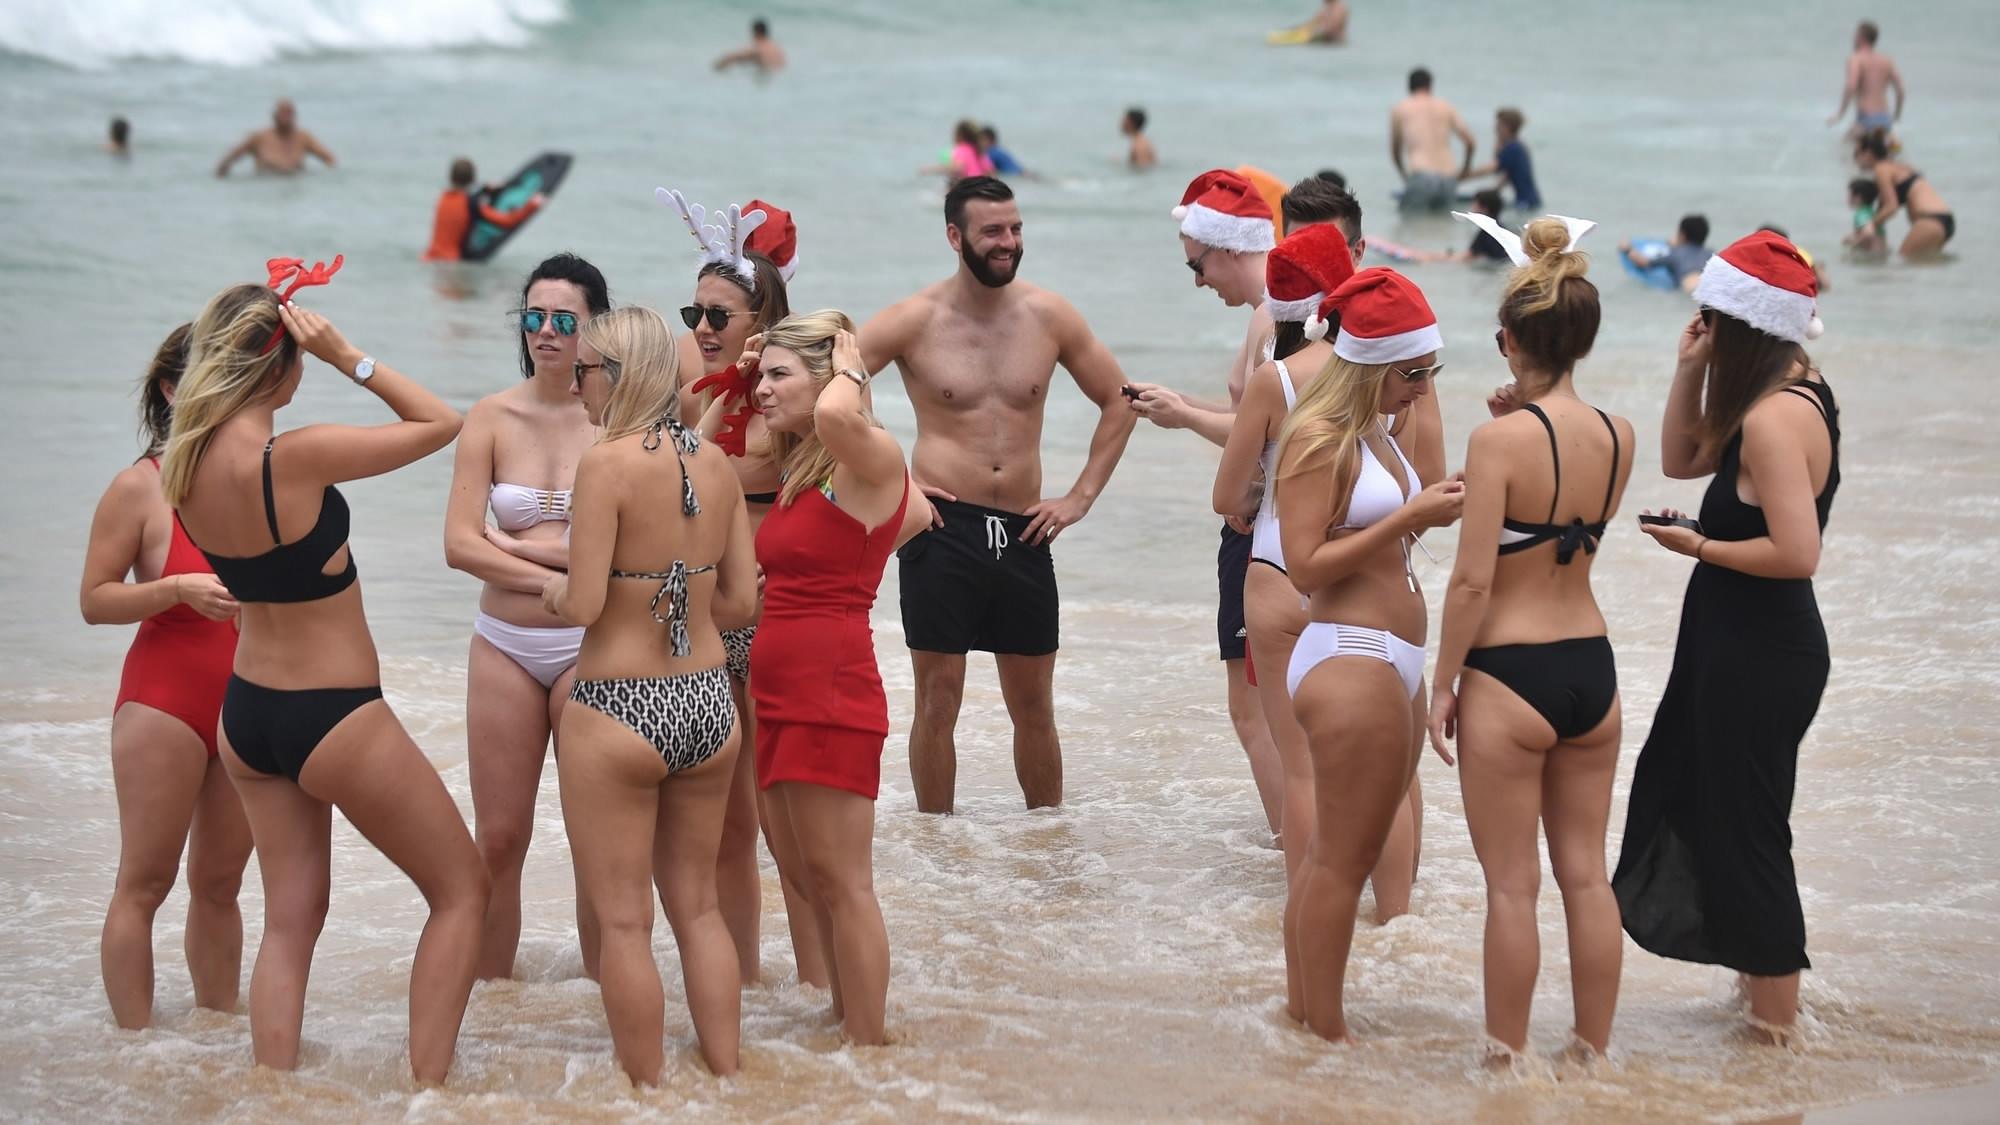 Смотреть раздевалку на пляже, Сборник скрытой камеры в женской раздевалке на пляже 24 фотография